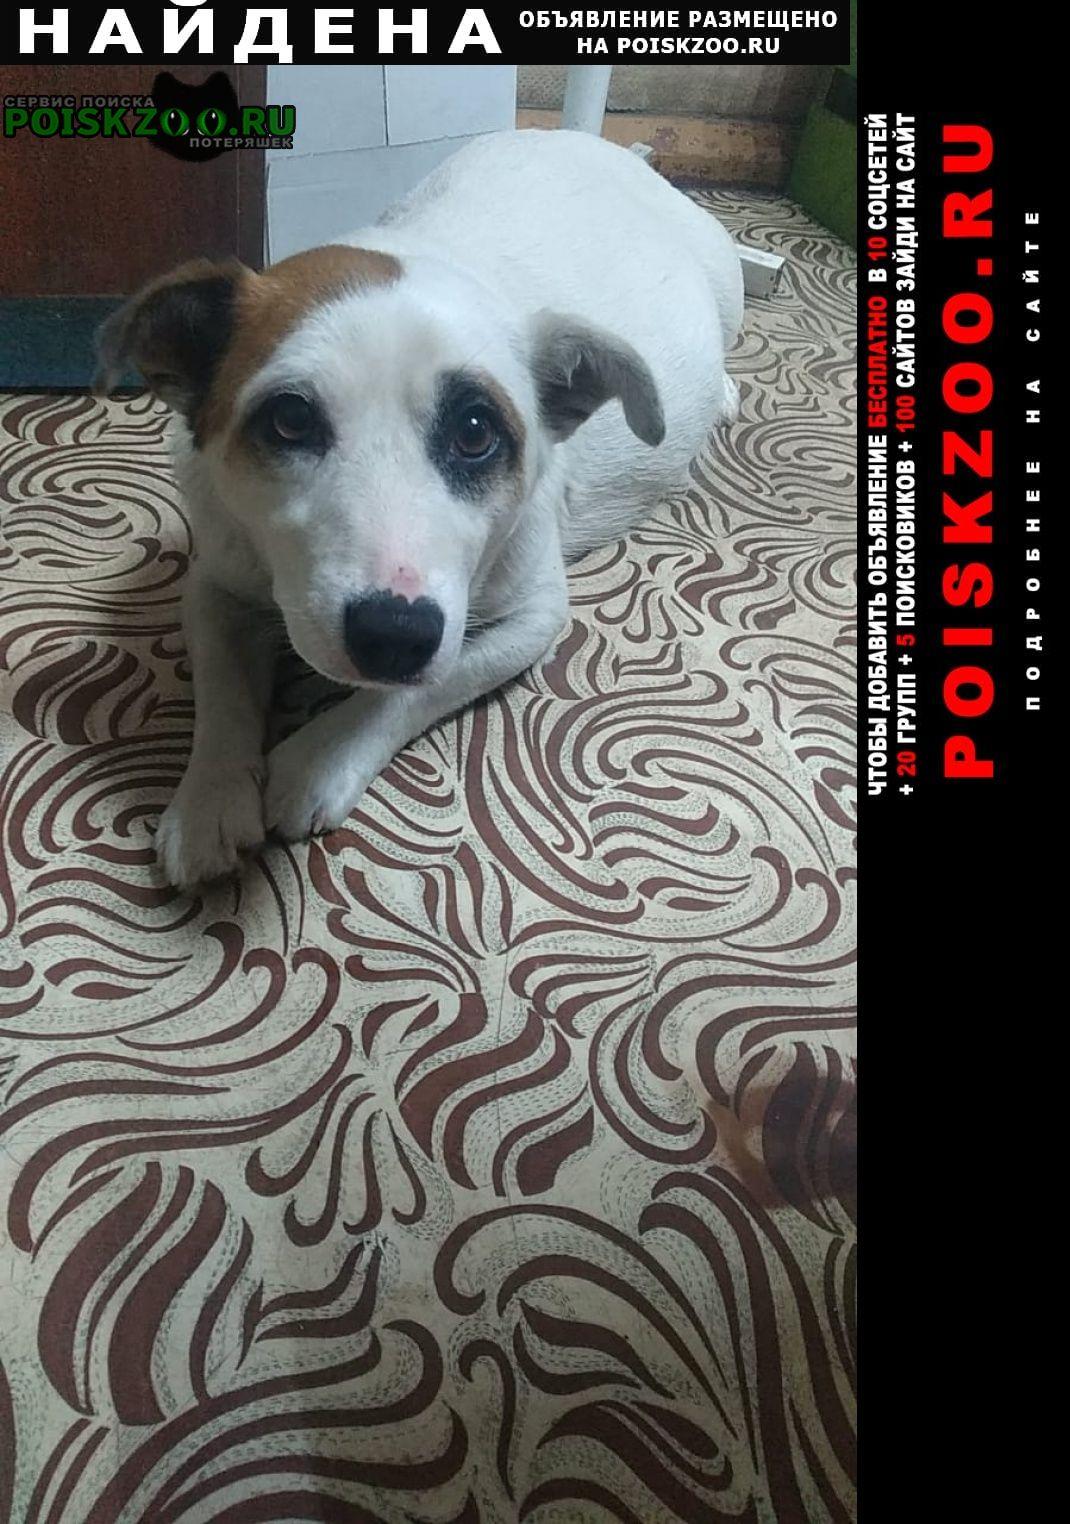 Найдена собака Зубцов